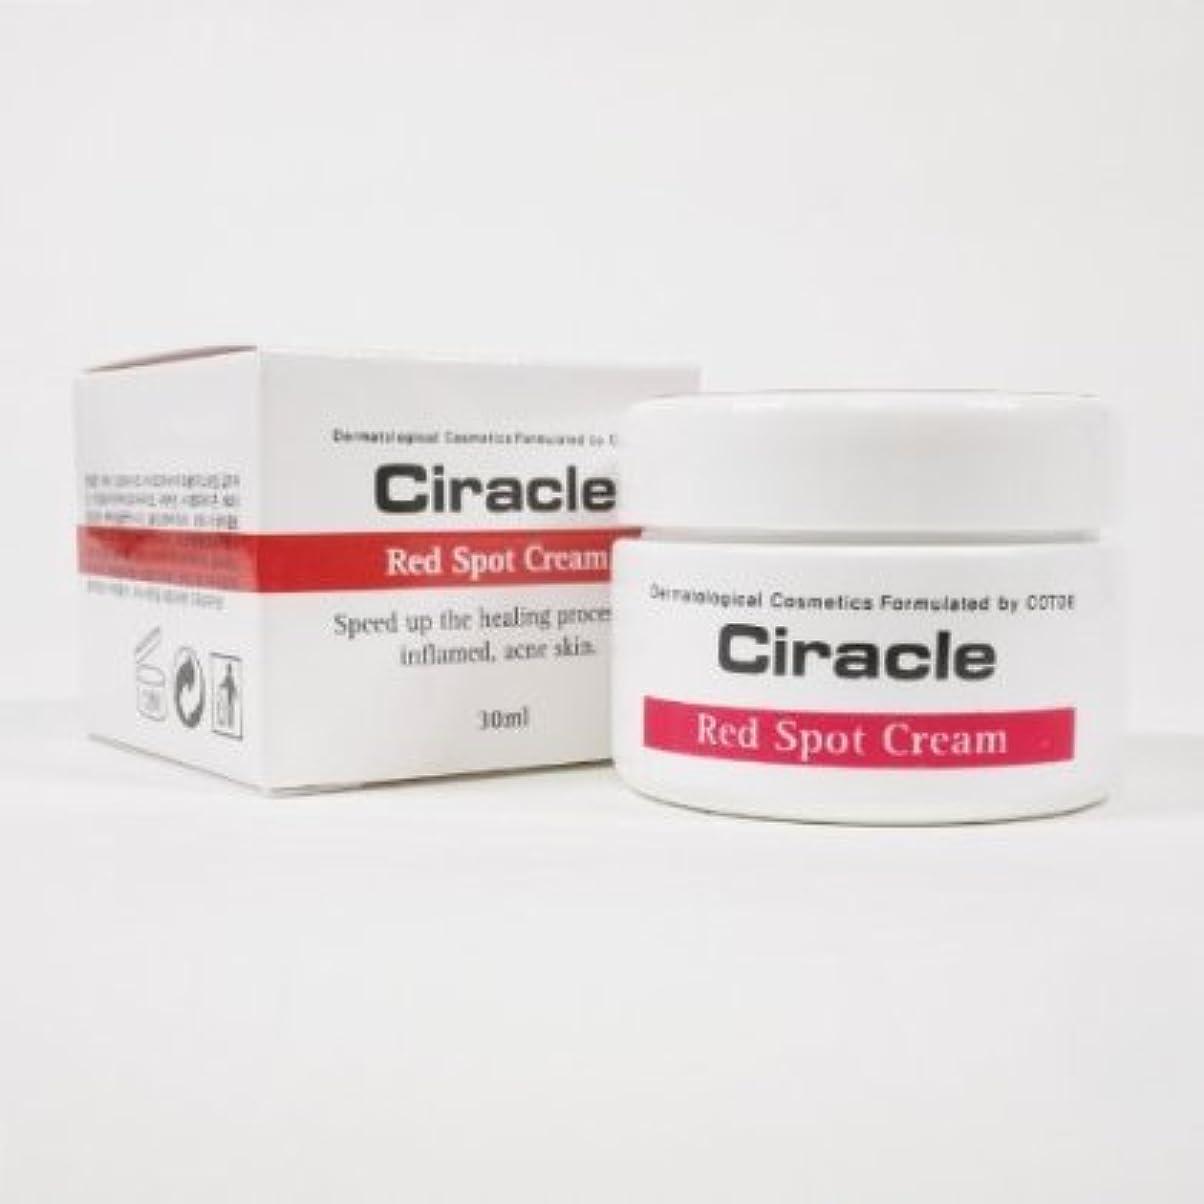 フェードアウト遅れ天才Ciracle レッド スポット クリーム /Red Spot Cream (30ml )